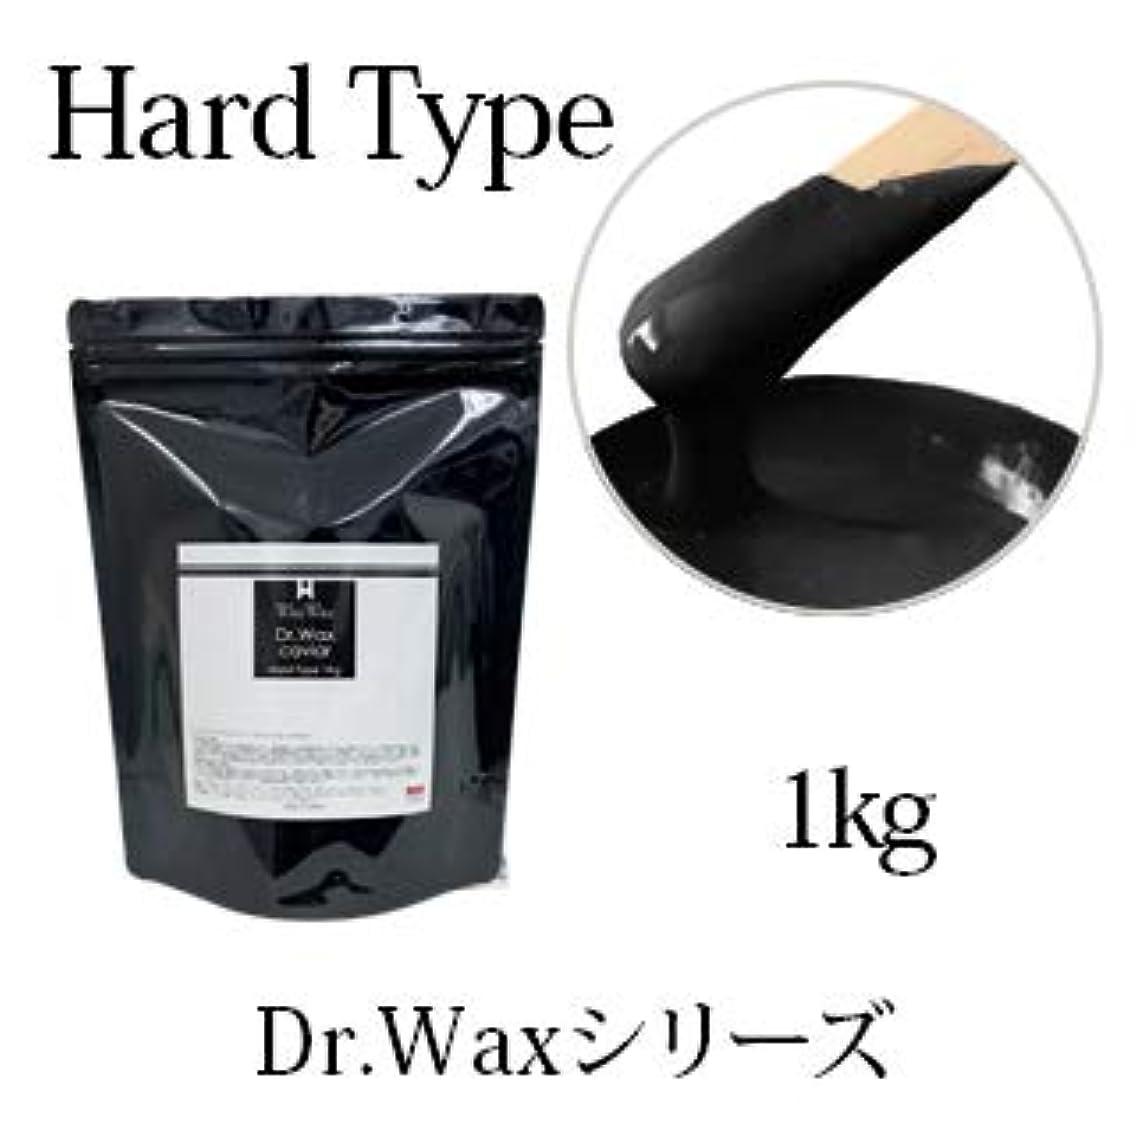 低い報いる敷居【Dr.waxシリーズ】ワックス脱毛 粒タイプ 紙を使用しない ハードワックス (キャビア 1kg)